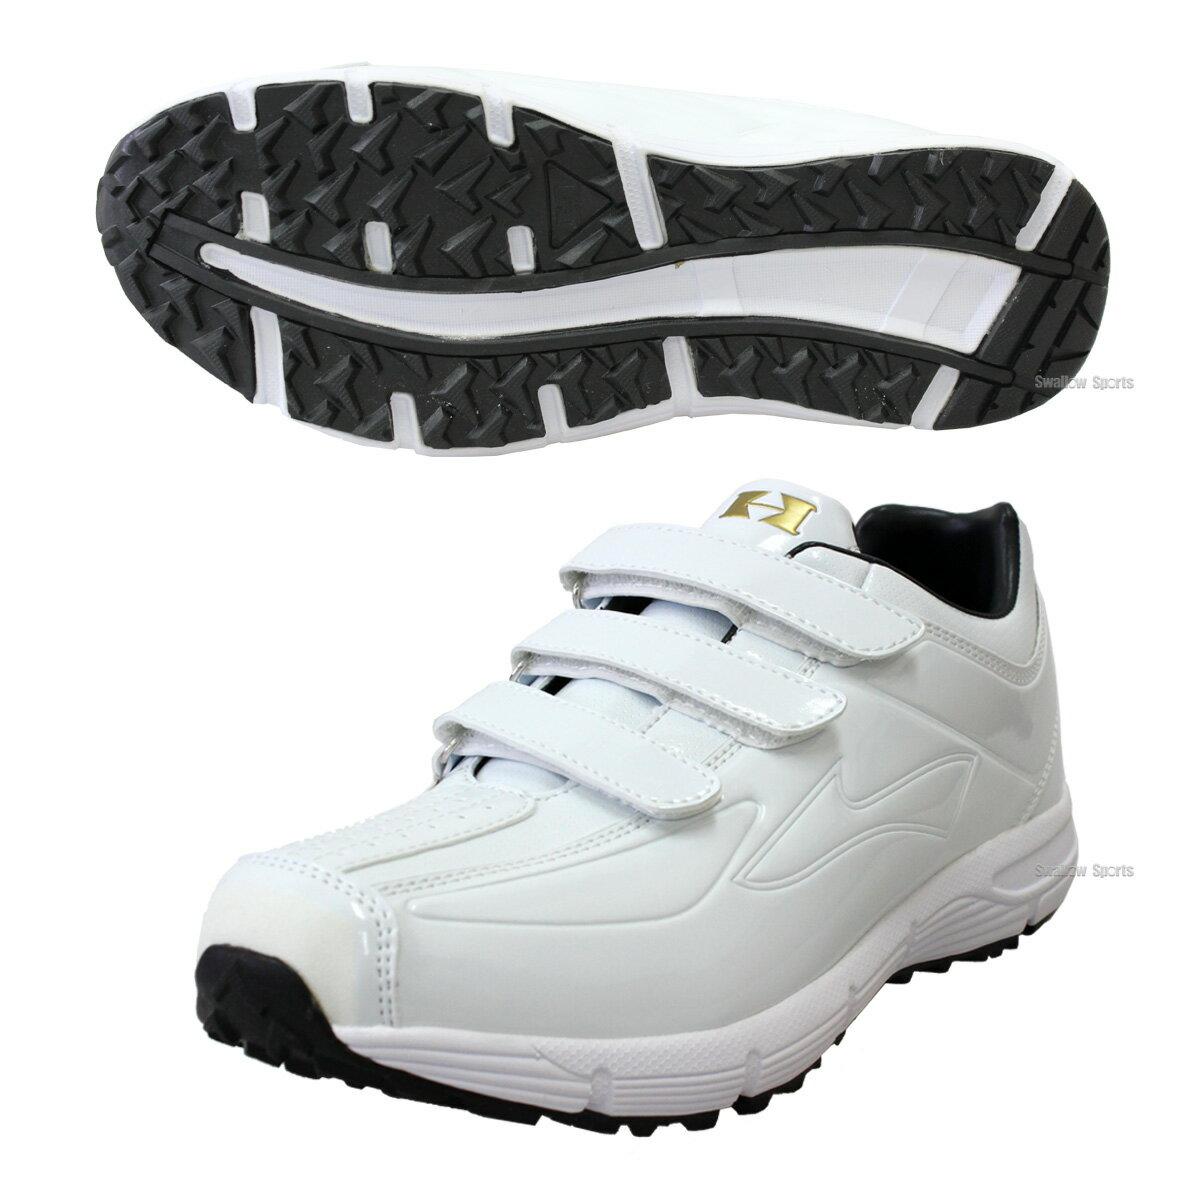 ハイゴールド トレーニング シューズ PU-800W 靴 野球用品 スワロースポーツ■ftd